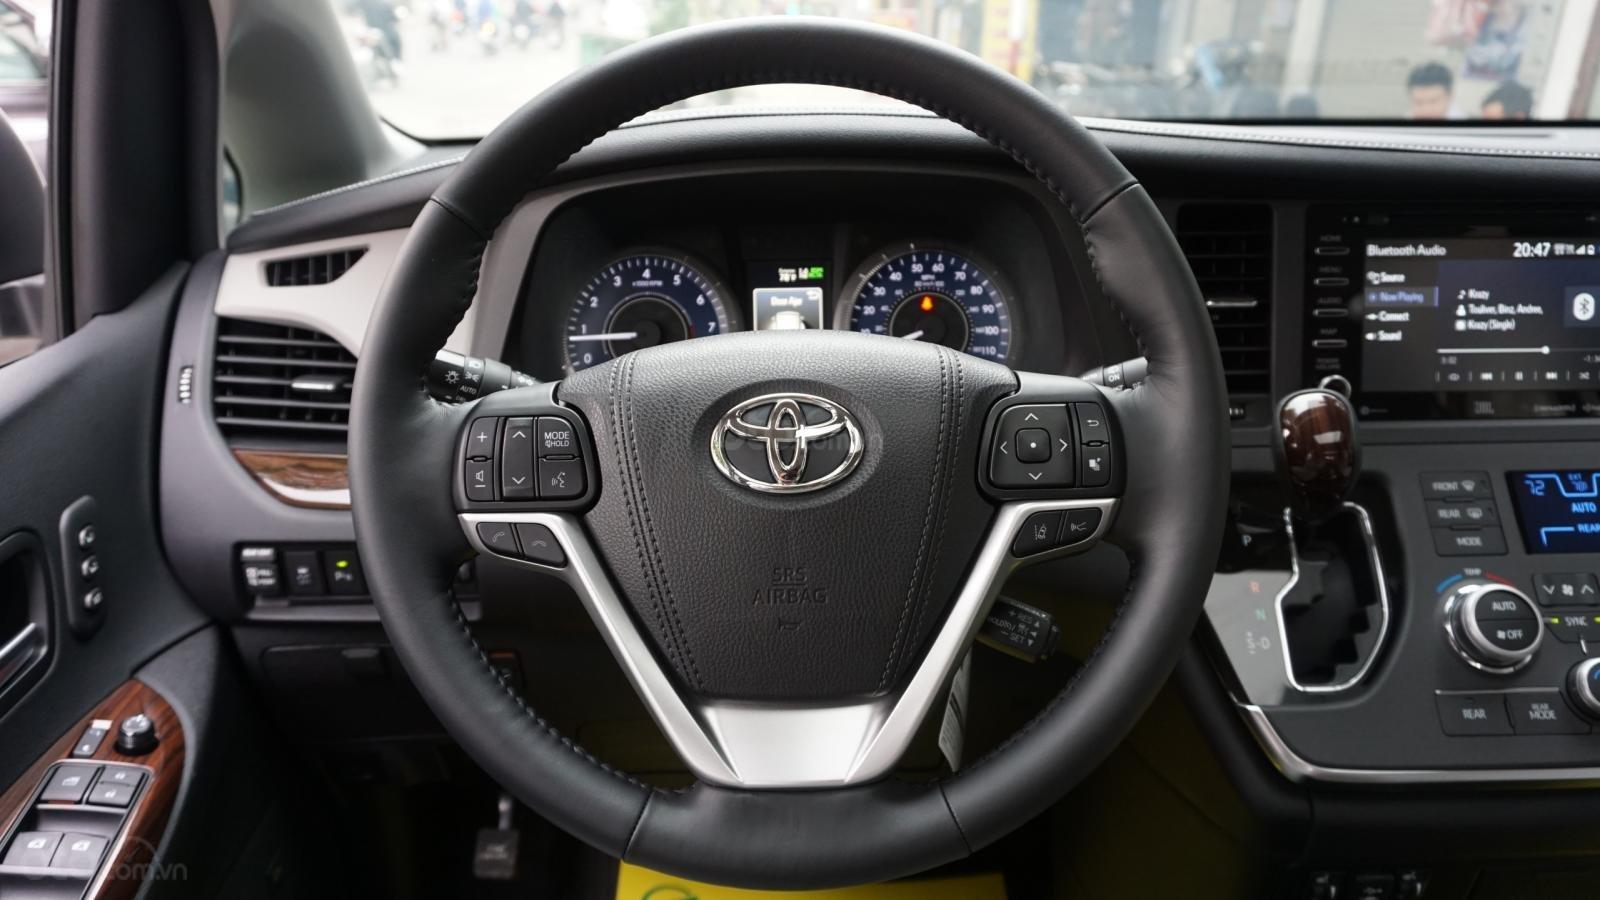 Bán Toyota Sienna Limited 1 cầu 2020 giao ngay, giá tốt nhất, LH 094.539.2468 Ms Hương (9)